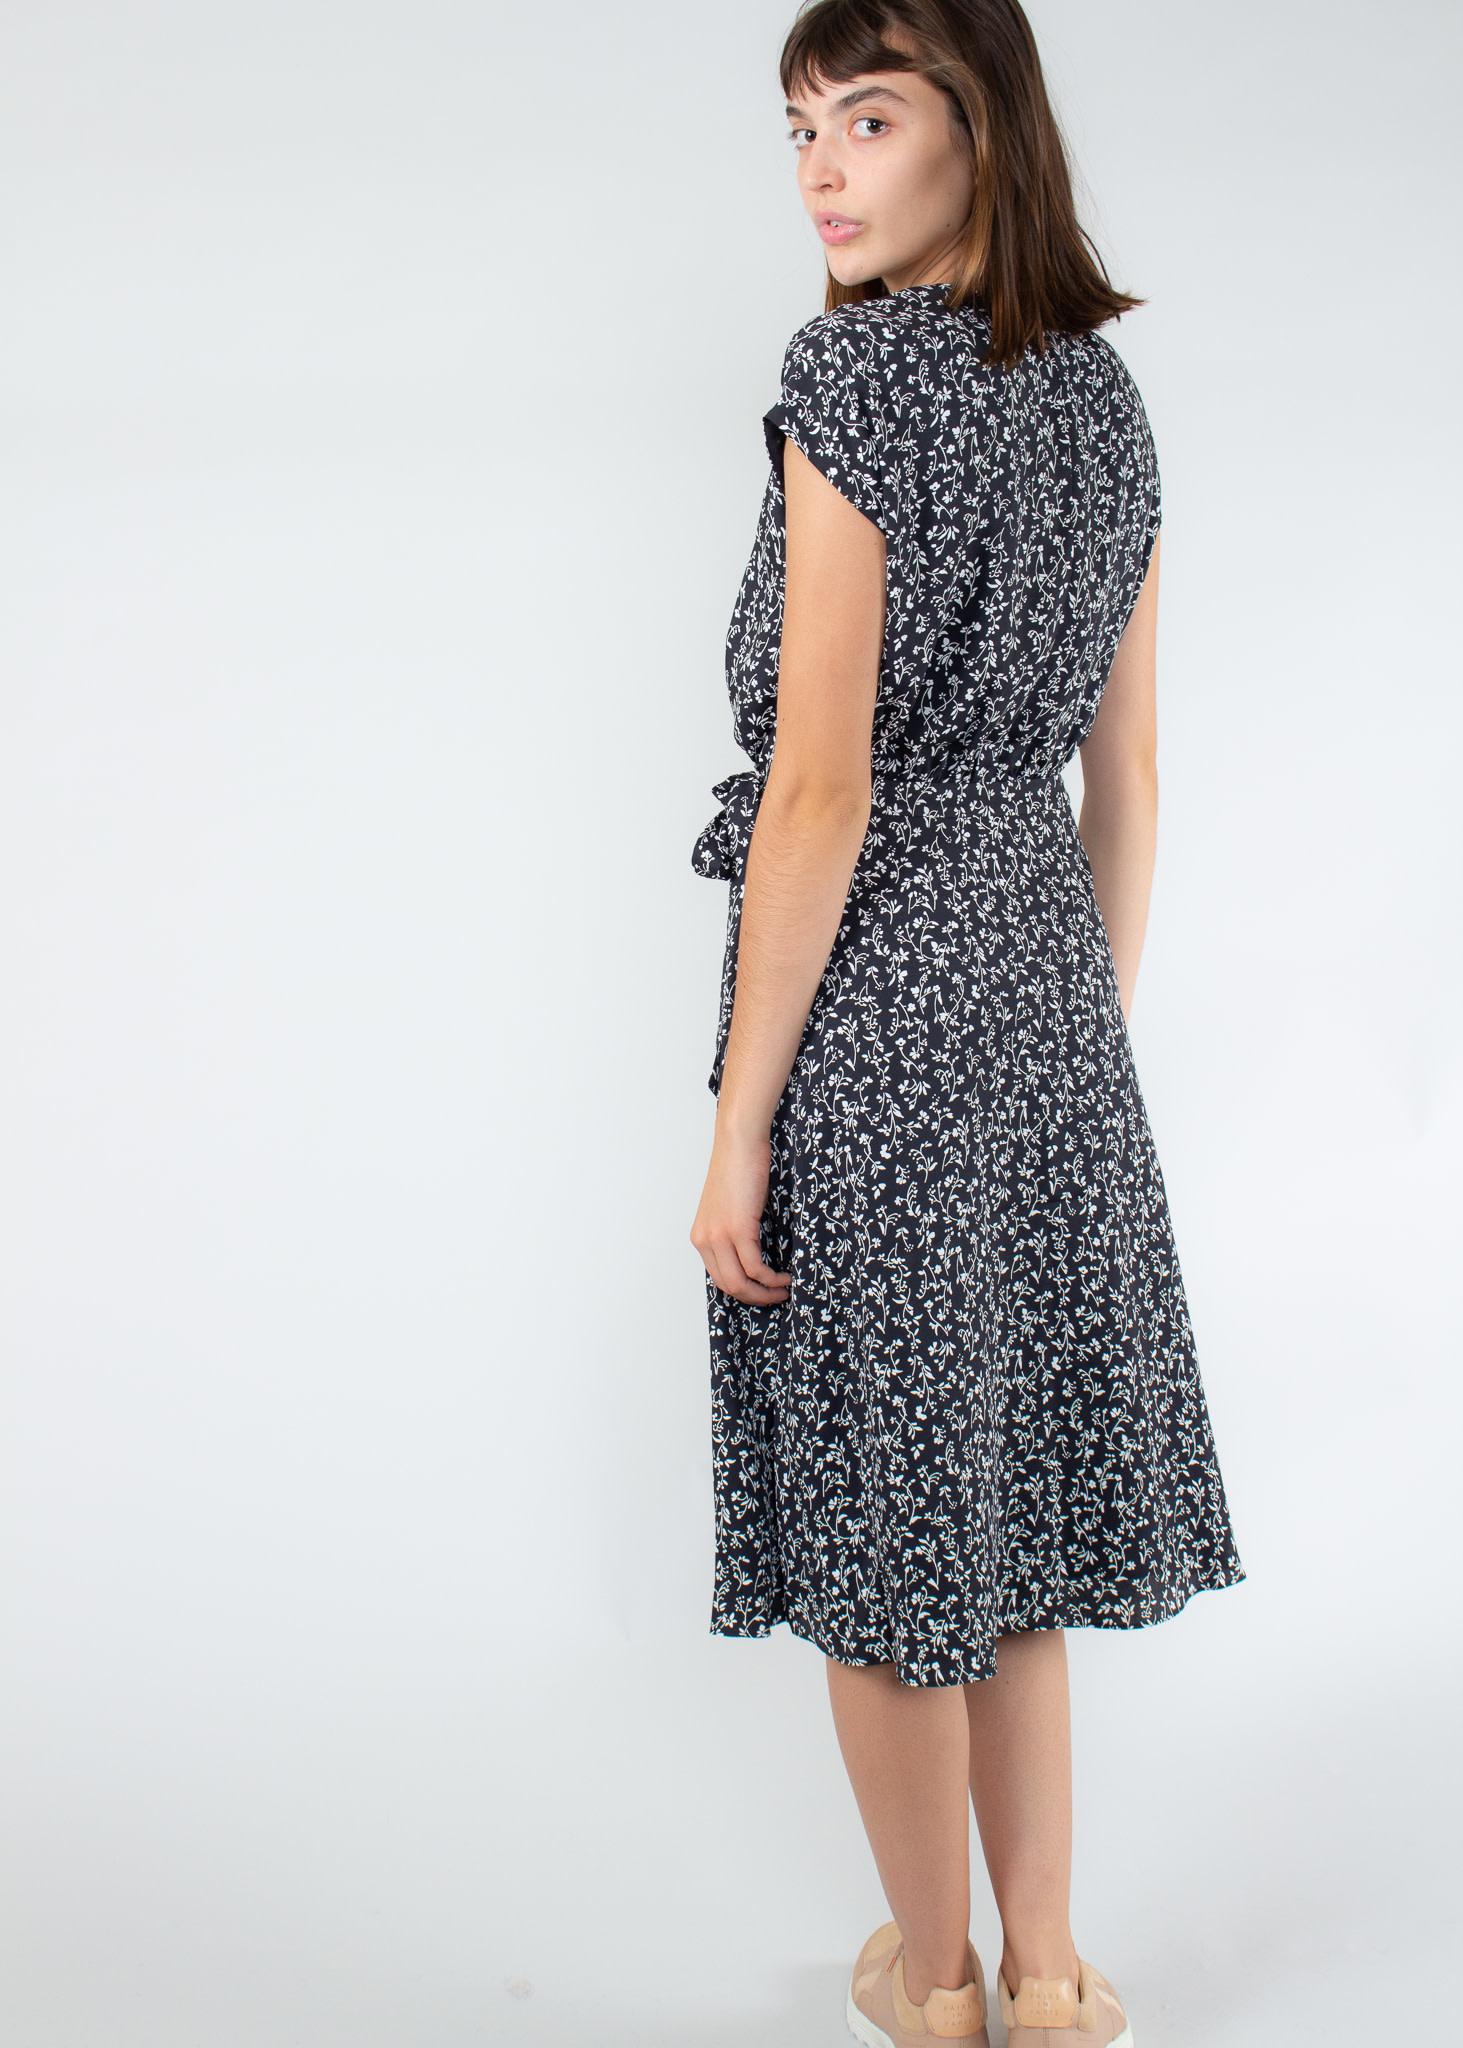 Joie Bethwyn dress